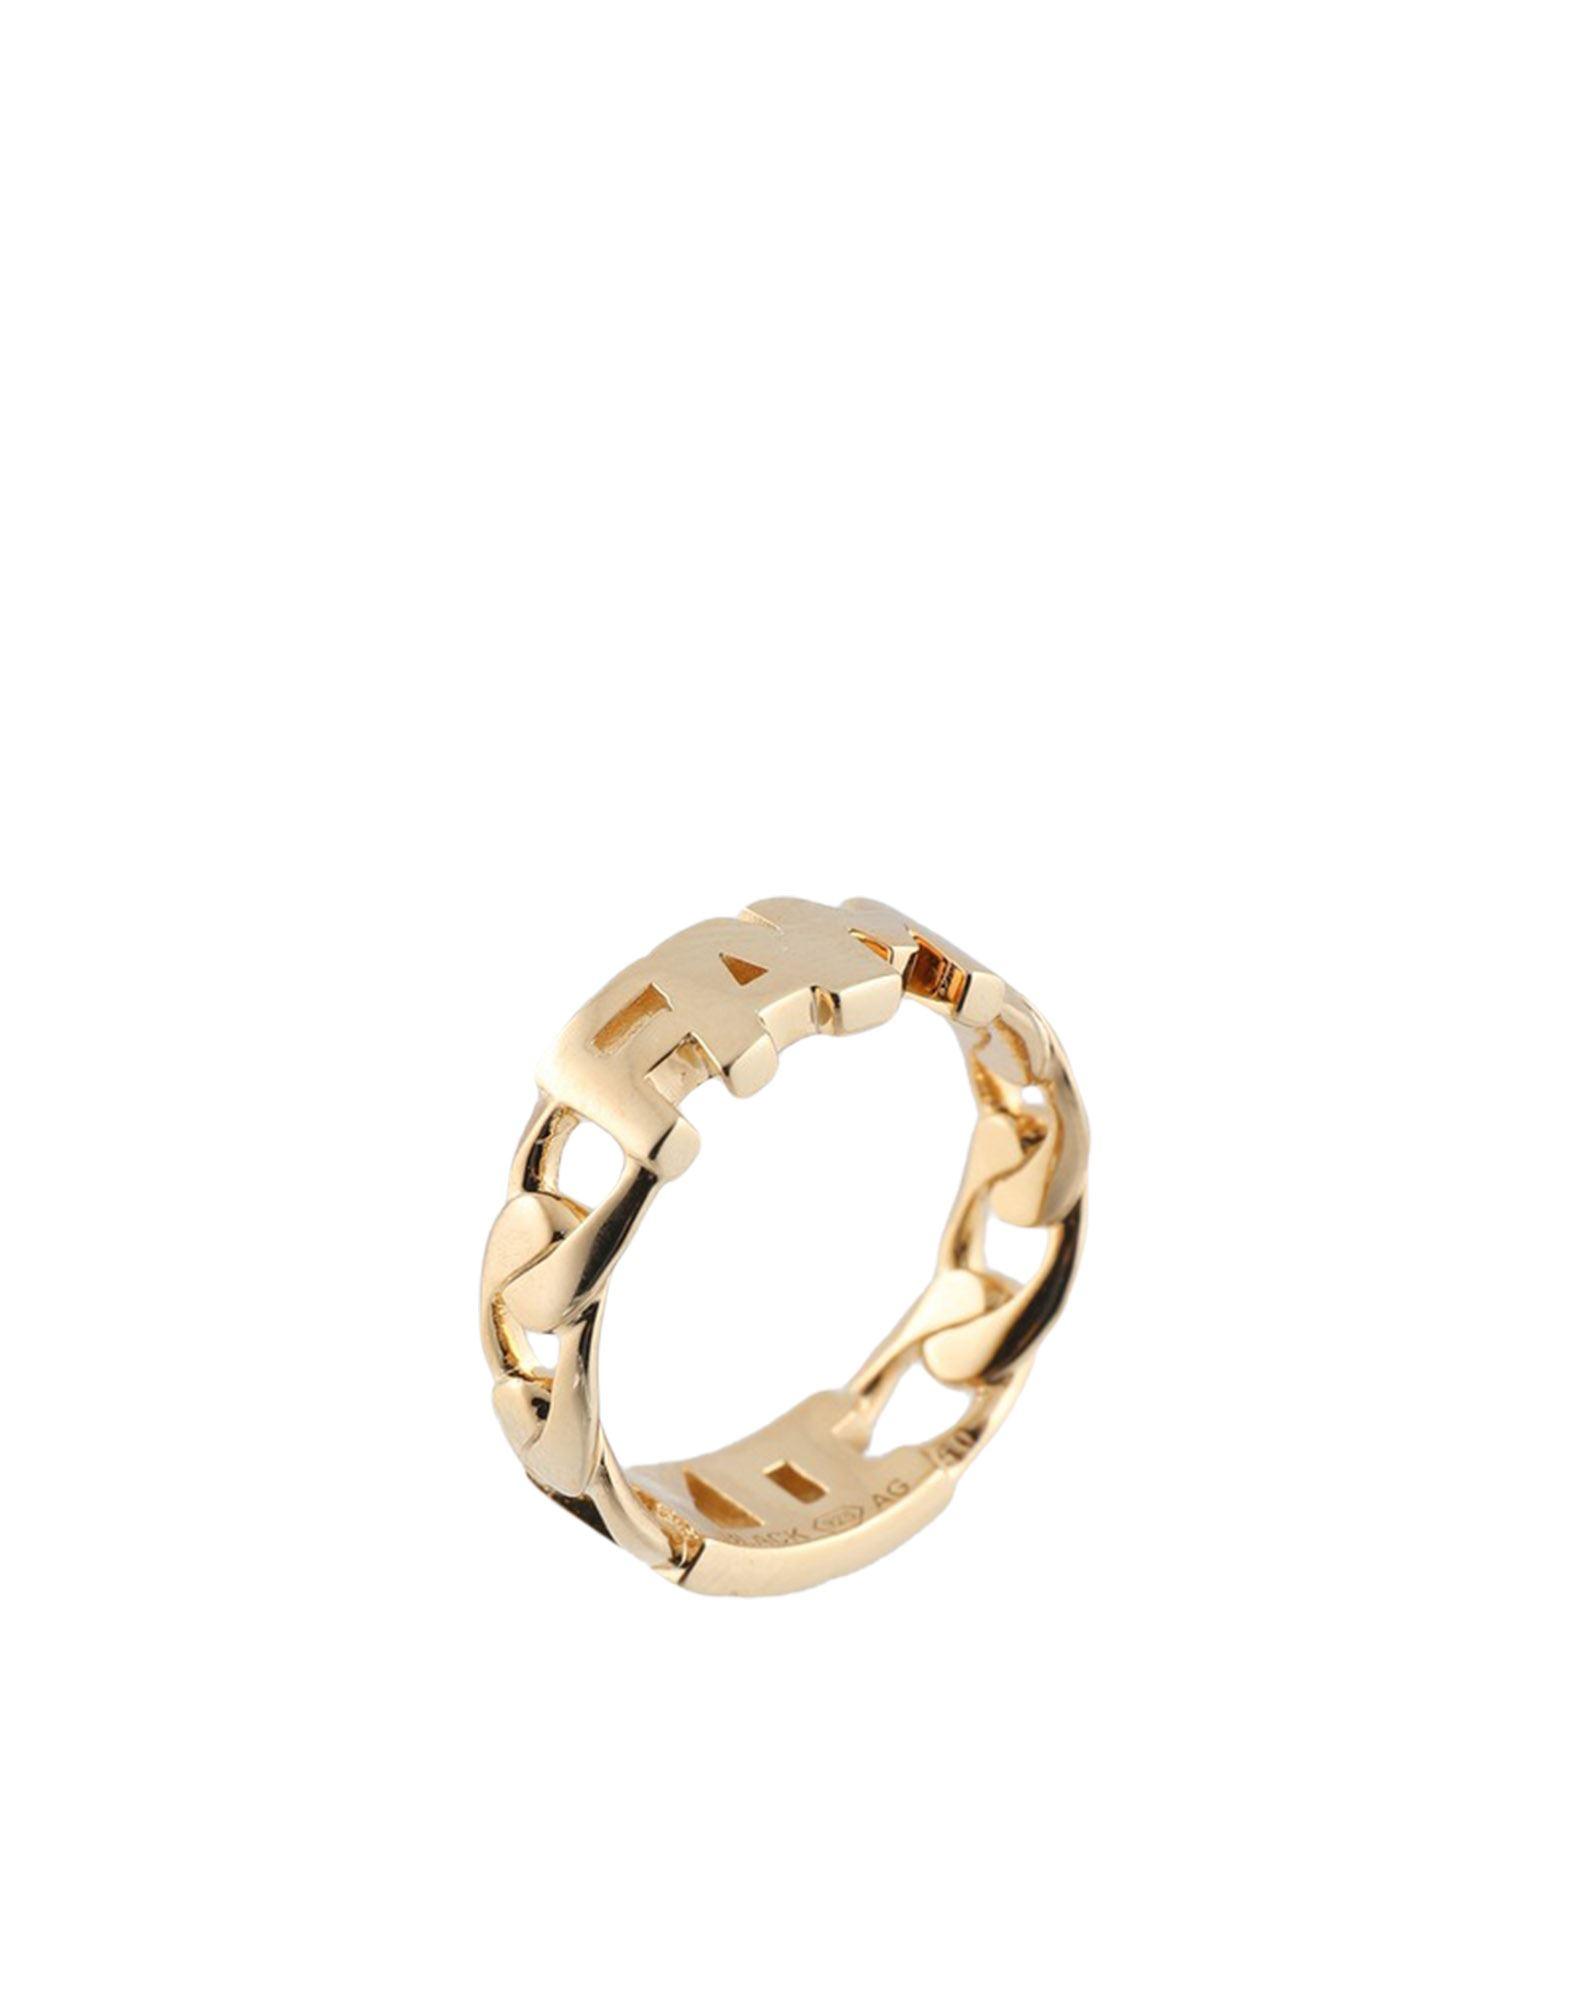 《セール開催中》MARIA BLACK レディース 指輪 ゴールド 50 シルバー925/1000 FAMILY RING